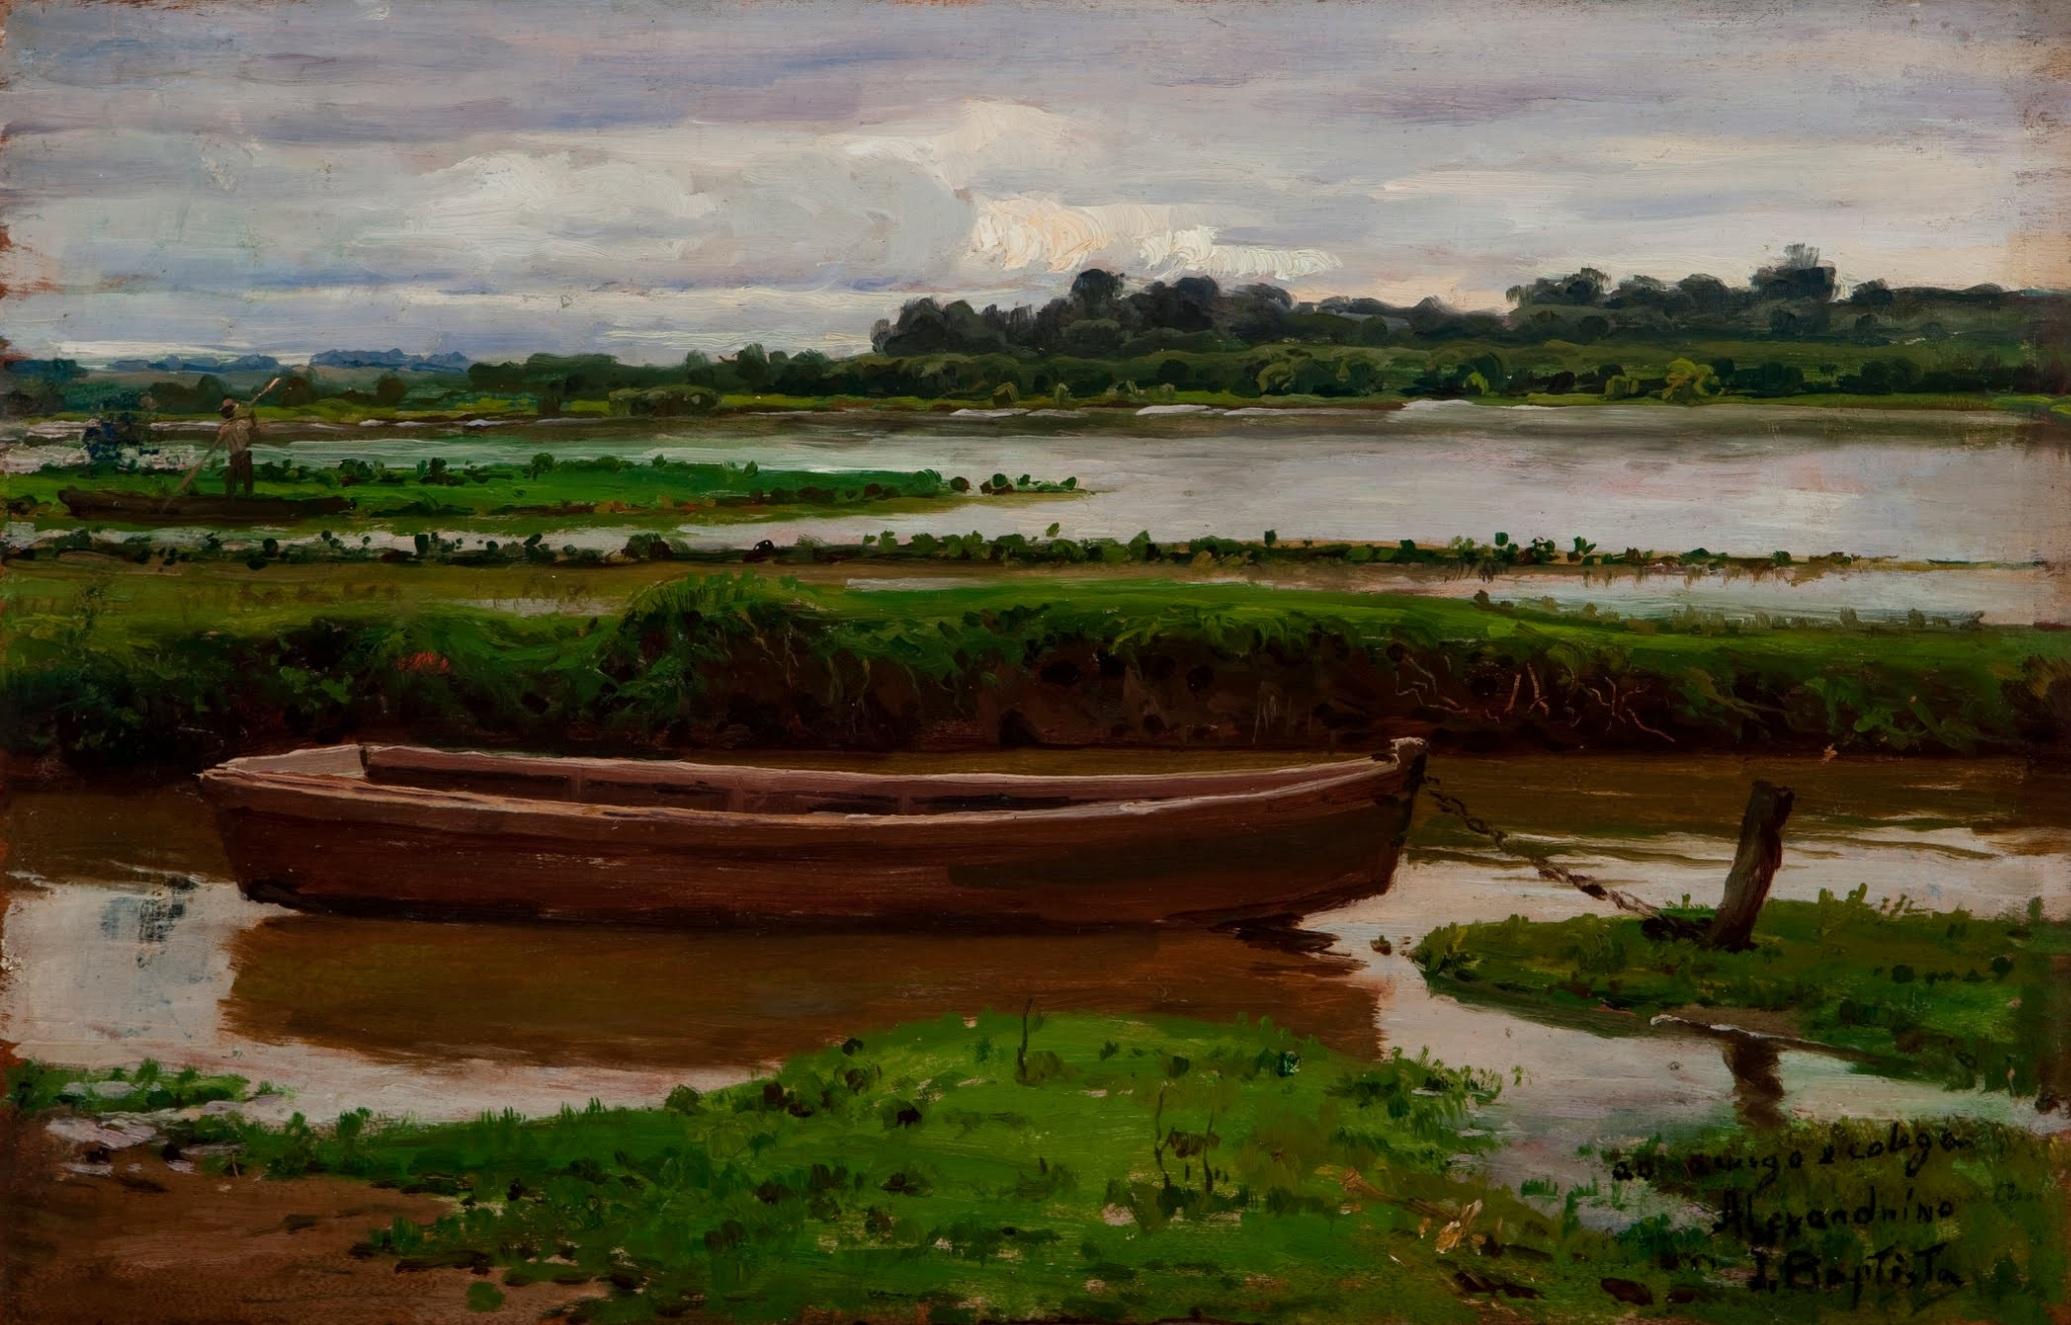 João Batista da Costa, Landscape